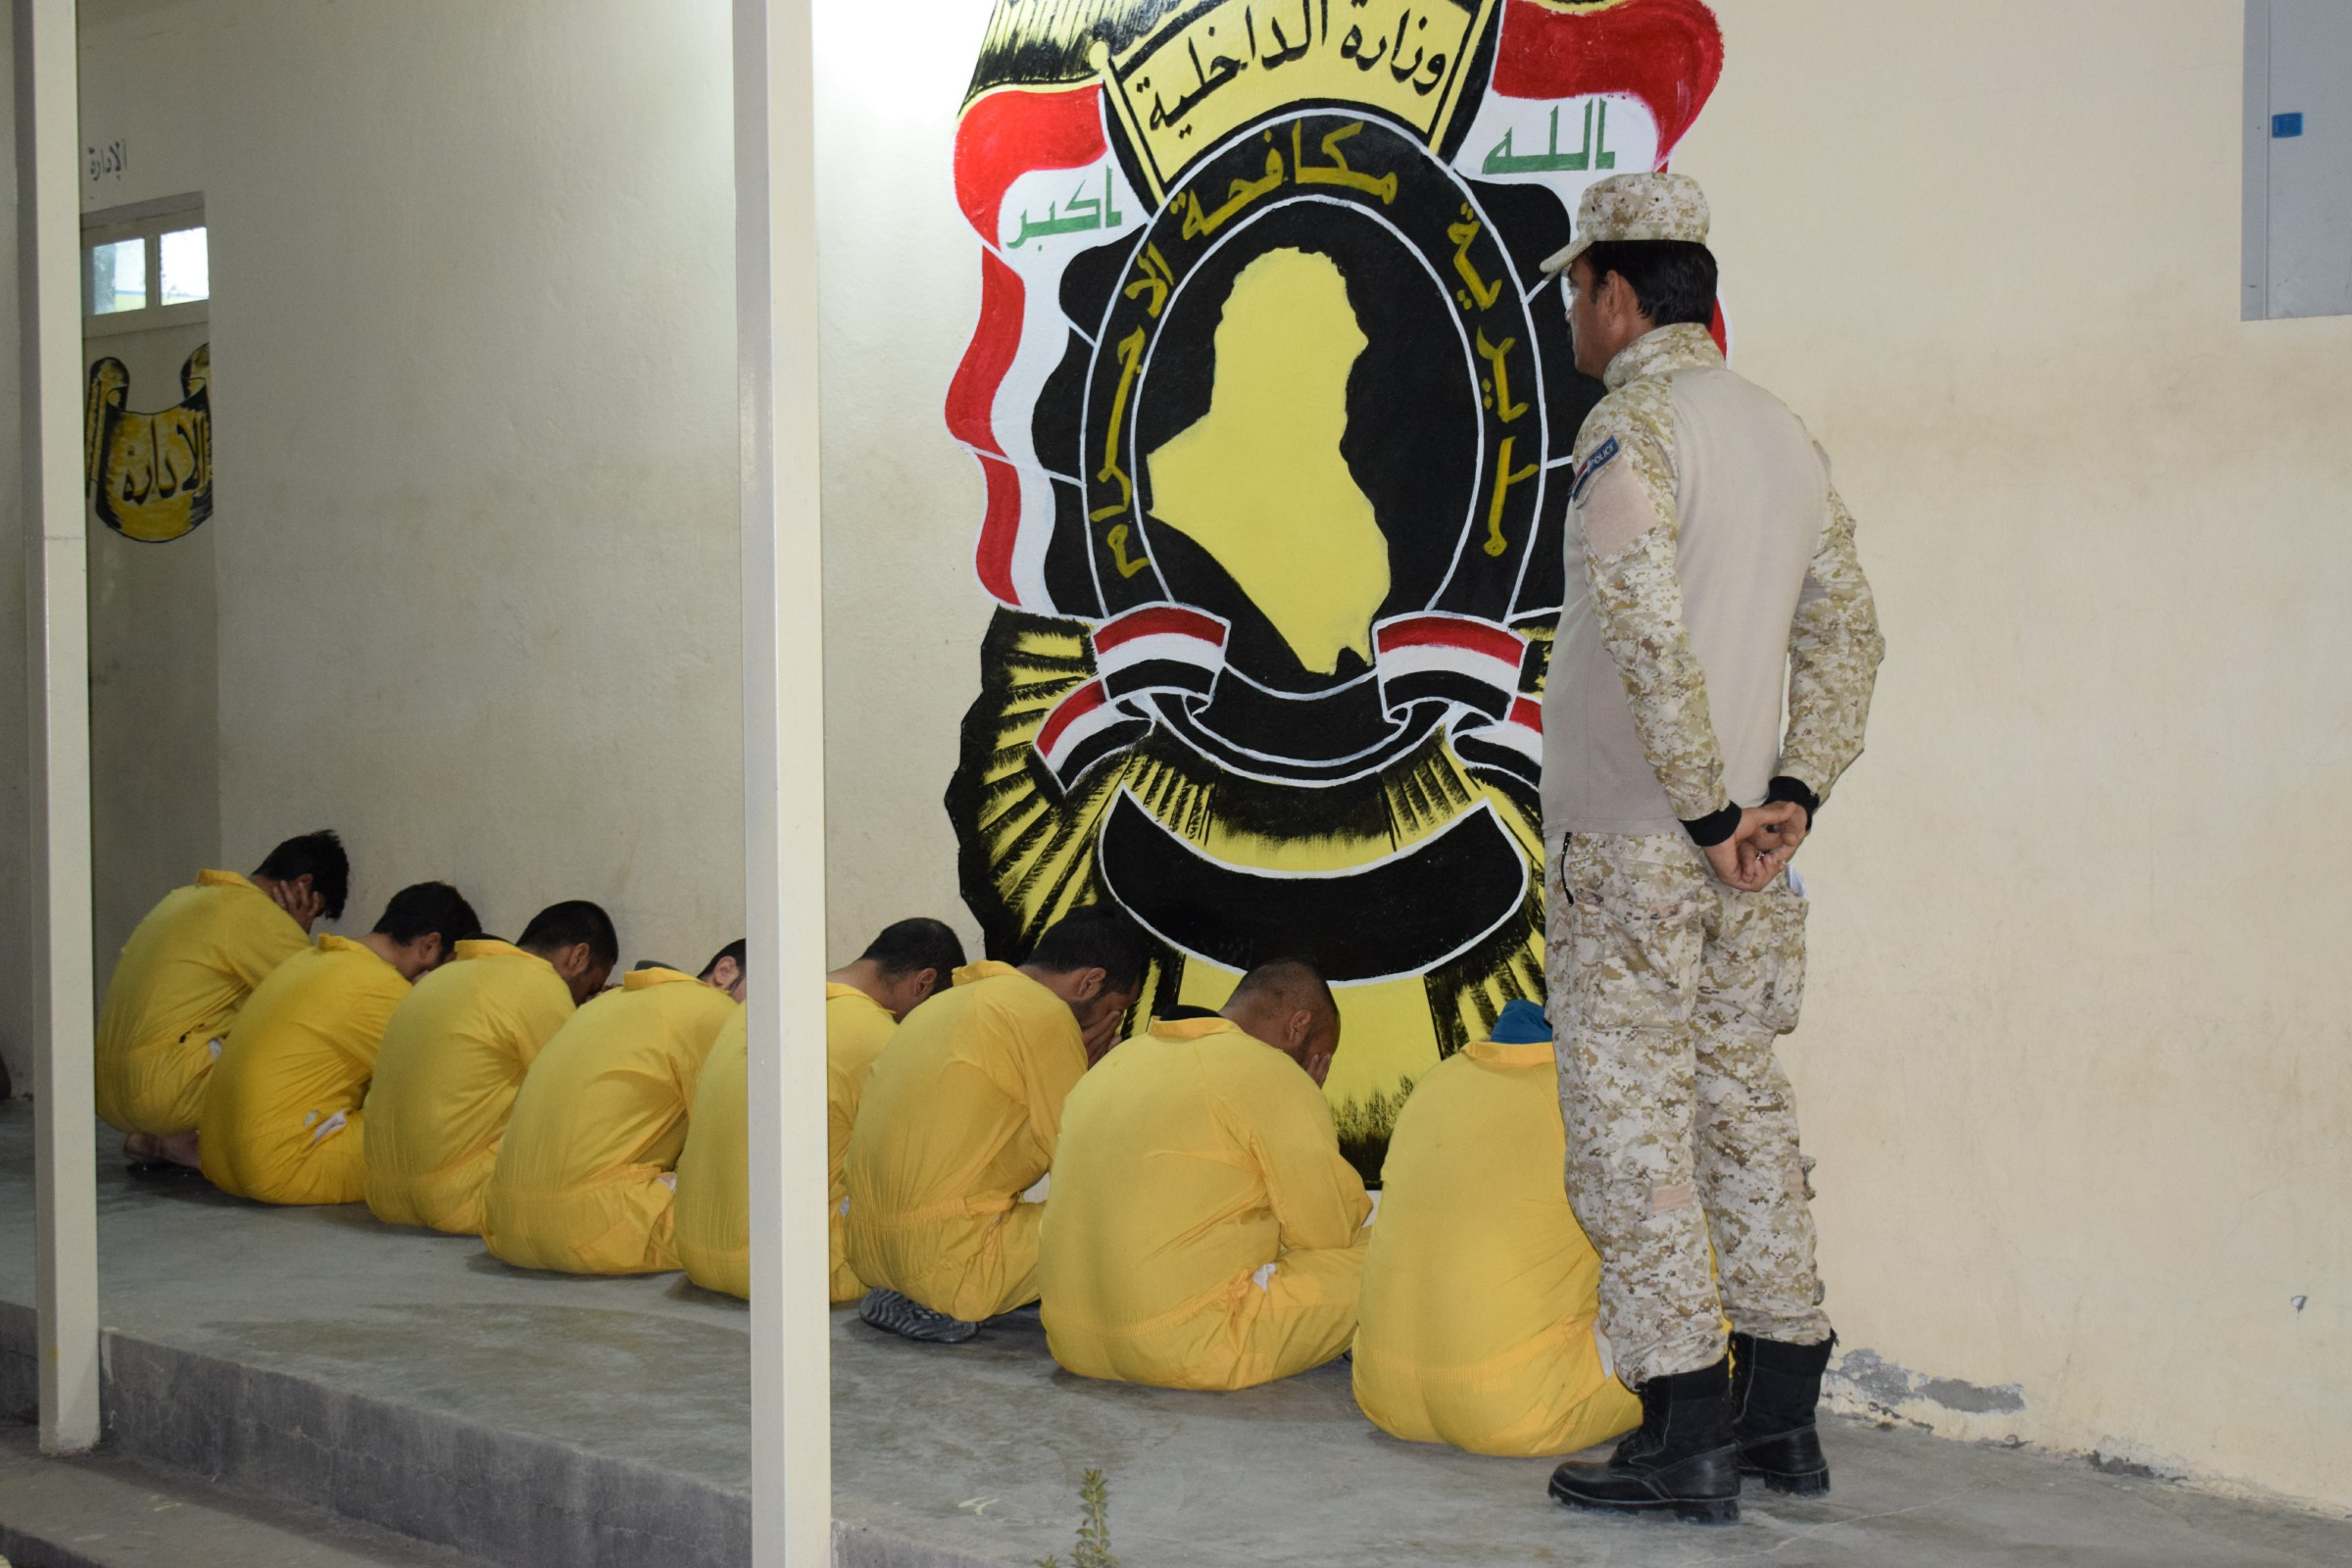 شرطة الأنبار تعلن القبض على ثمانية متهمين يتاجرون بالحبوب المخدرة